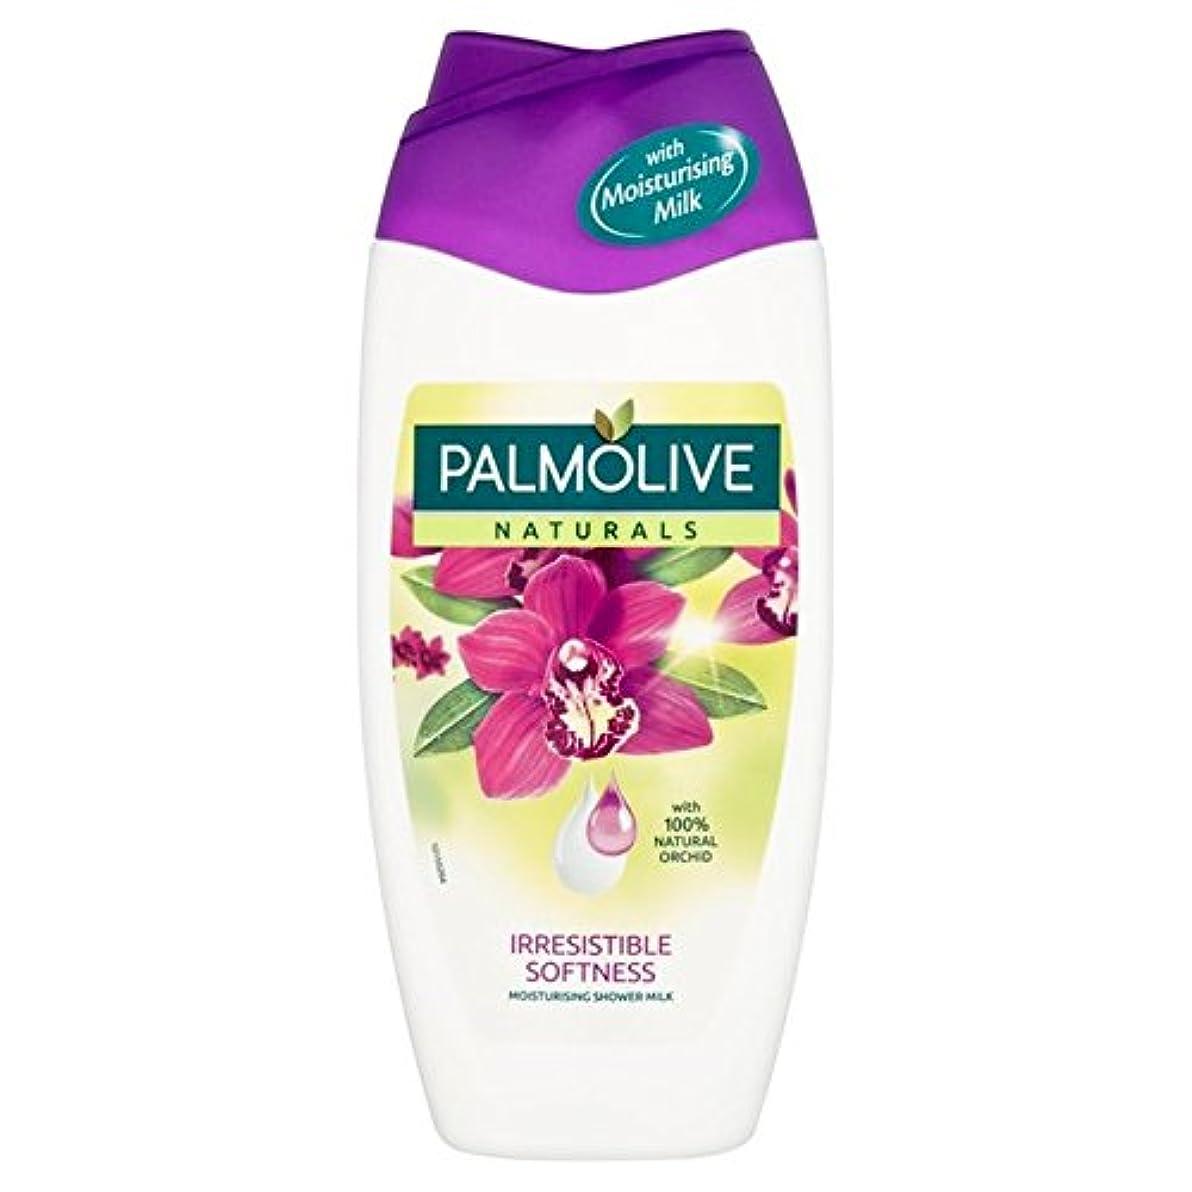 休眠満足させる植物のPalmolive Naturals Shower Black Orchid 250ml - パルモナチュラルシャワー黒蘭の250ミリリットル [並行輸入品]